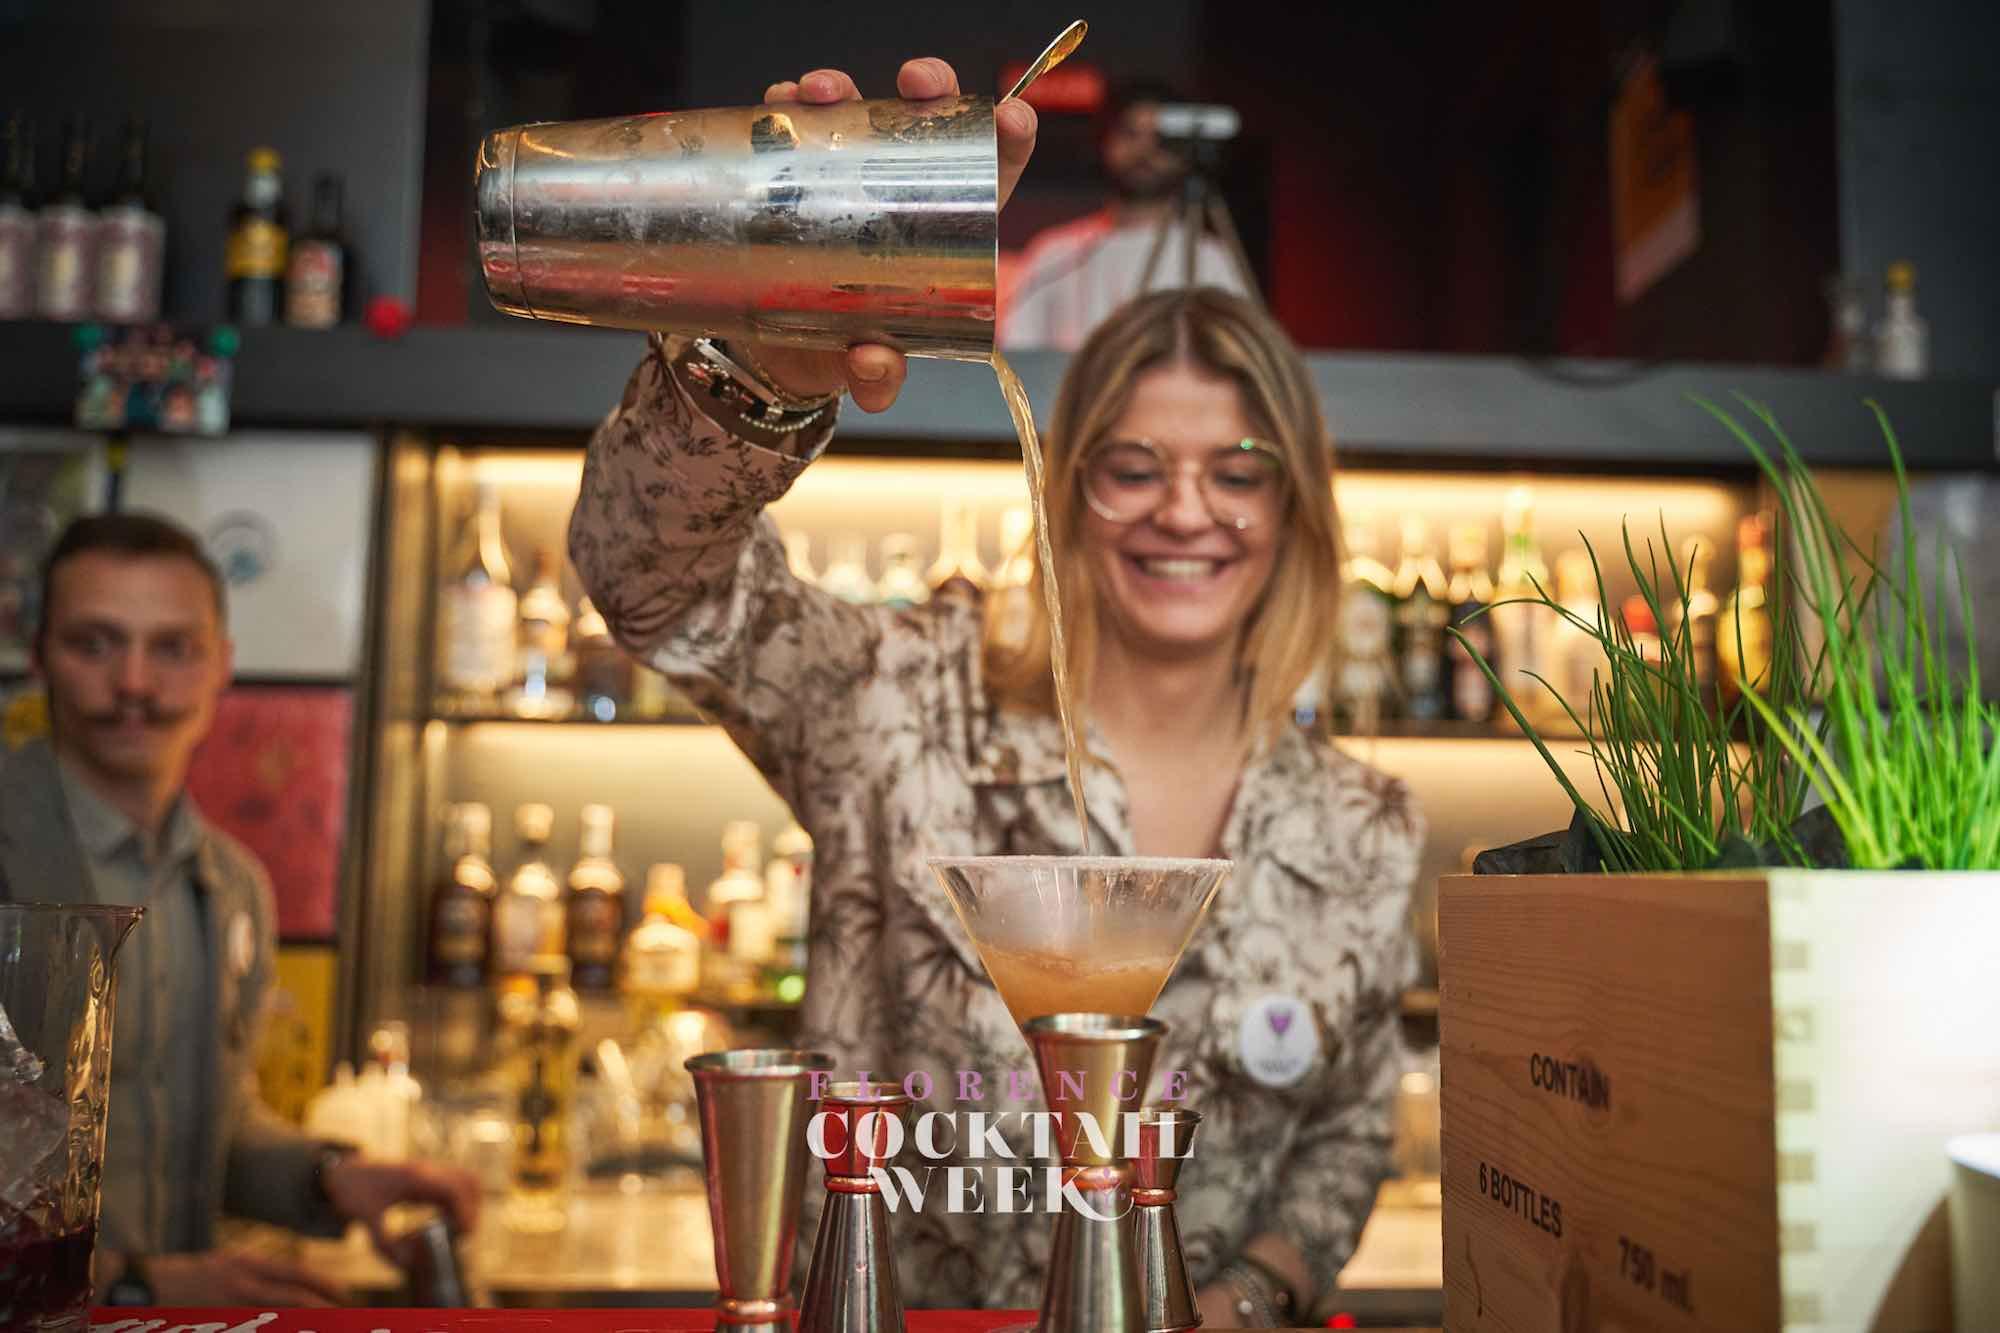 La Florence Cocktail Week 2019 ha visto la partecipazione di 30 cocktail bar di Firenze, ospiti internazionali e 267 cocktail creati ad hoc